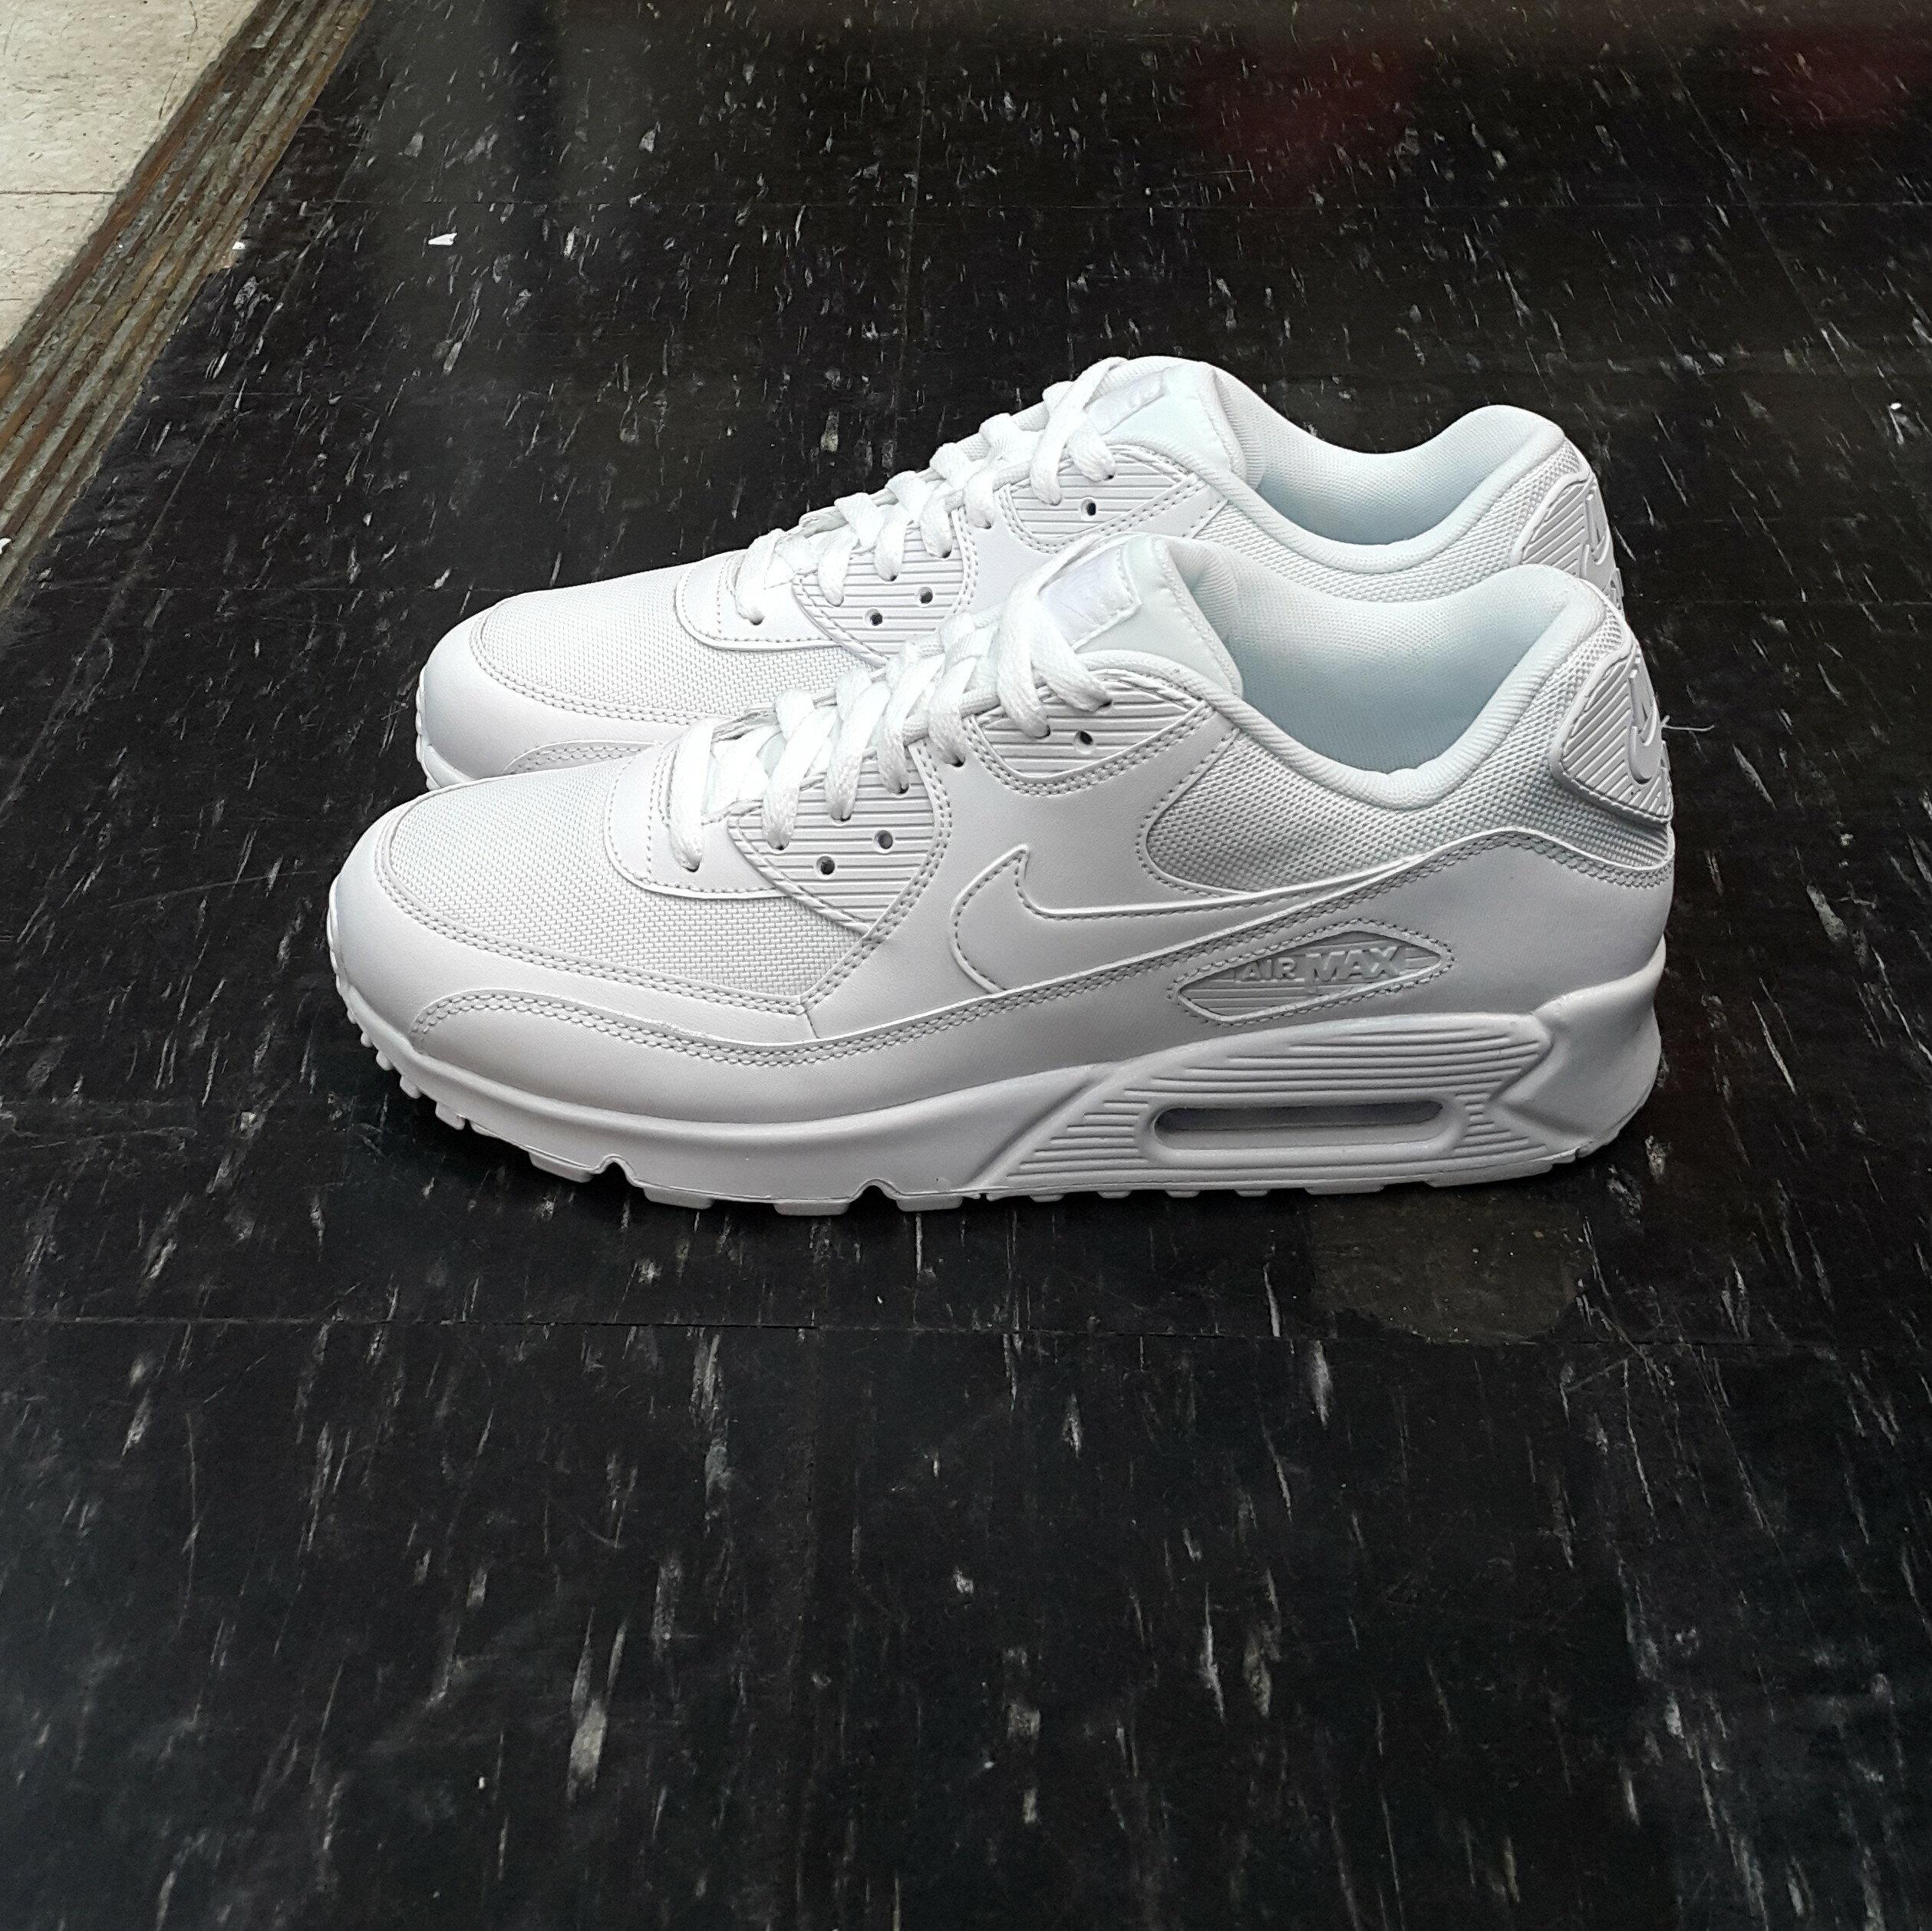 NIKE AIR MAX 90 ESSENTIAL 白色 全白 氣墊 慢跑鞋 網布 皮革 復古 537384-111